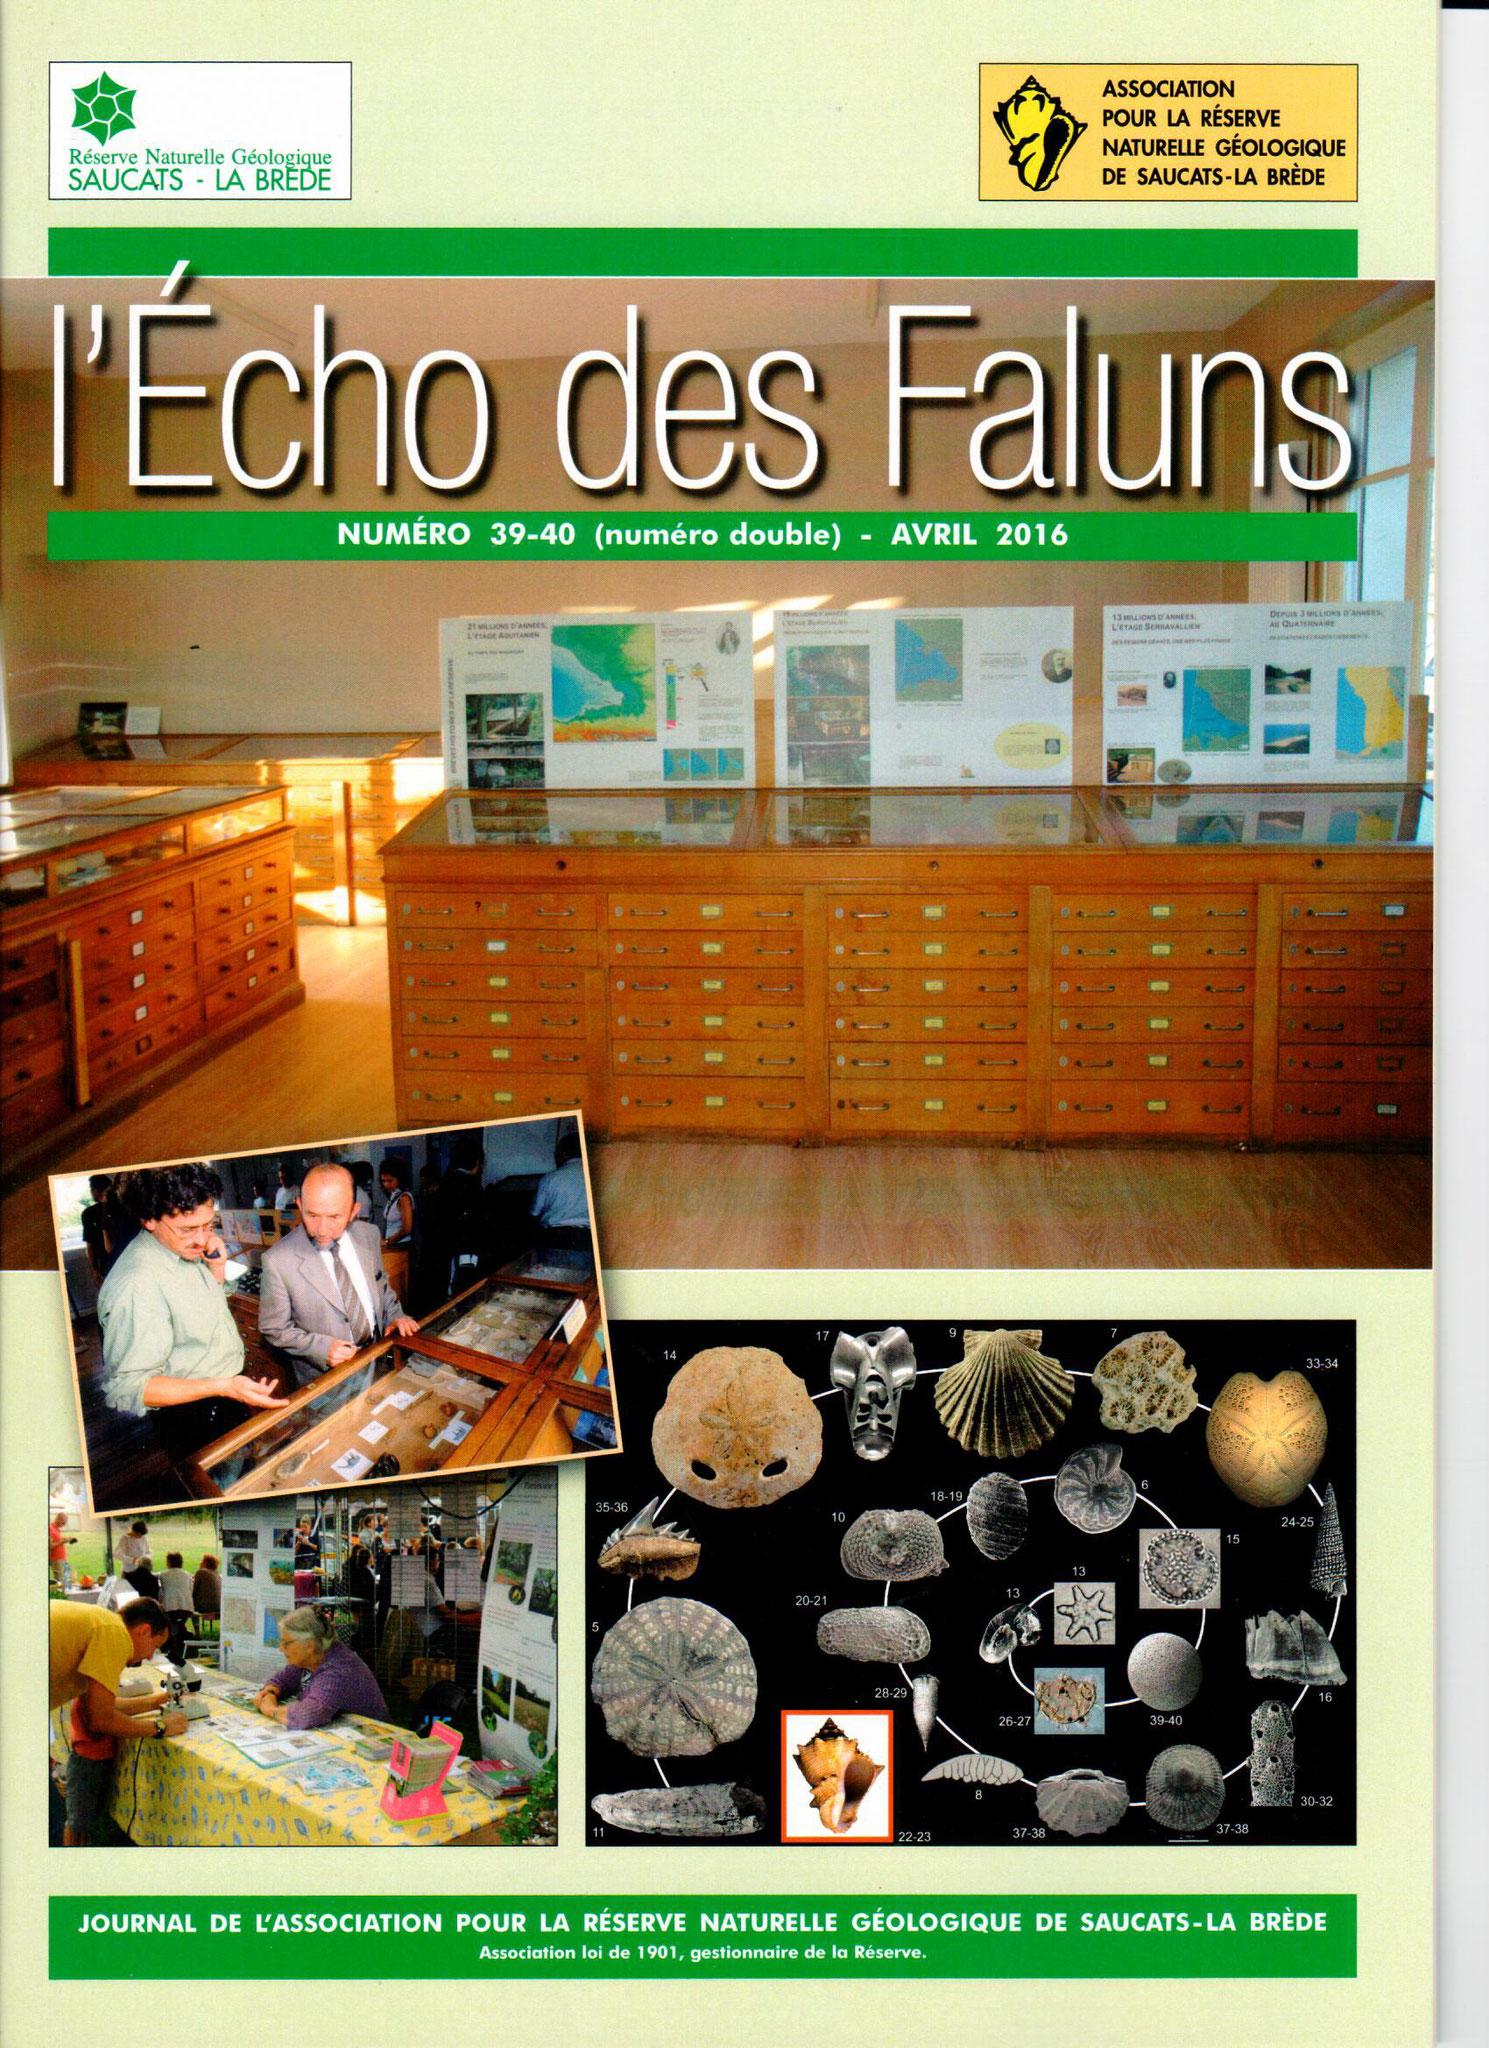 Publications : l'écho des faluns, journal de l'association